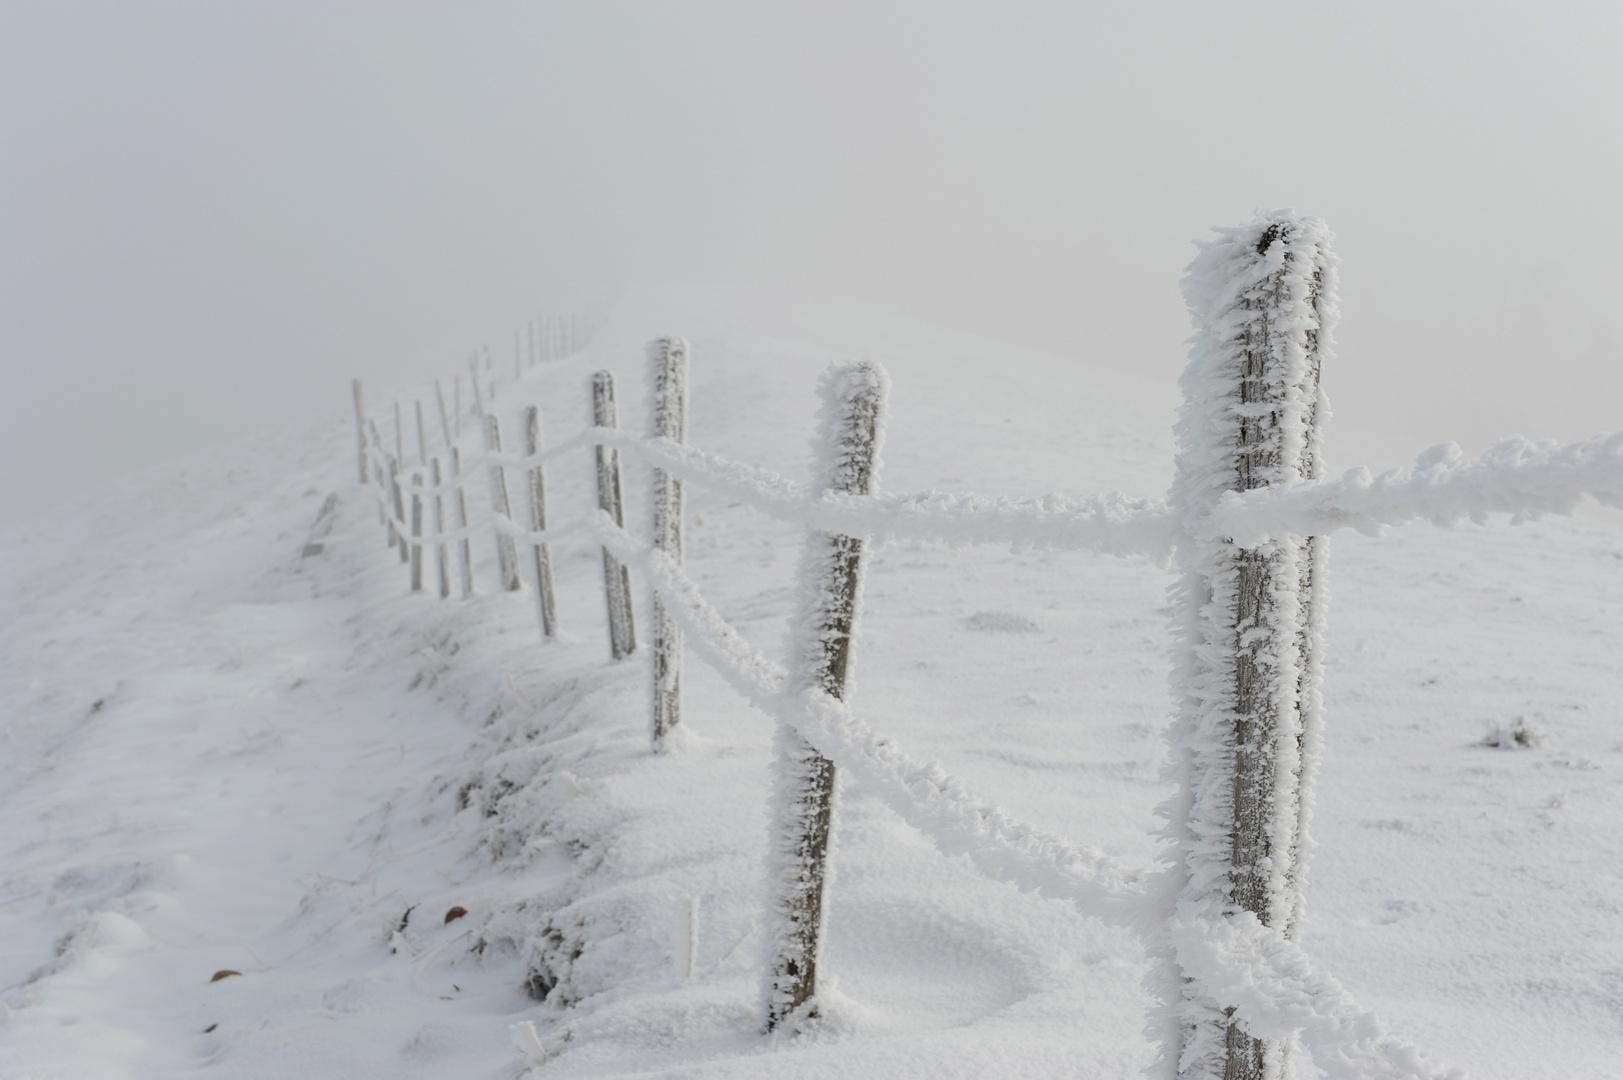 Kalt, sehr kalt!